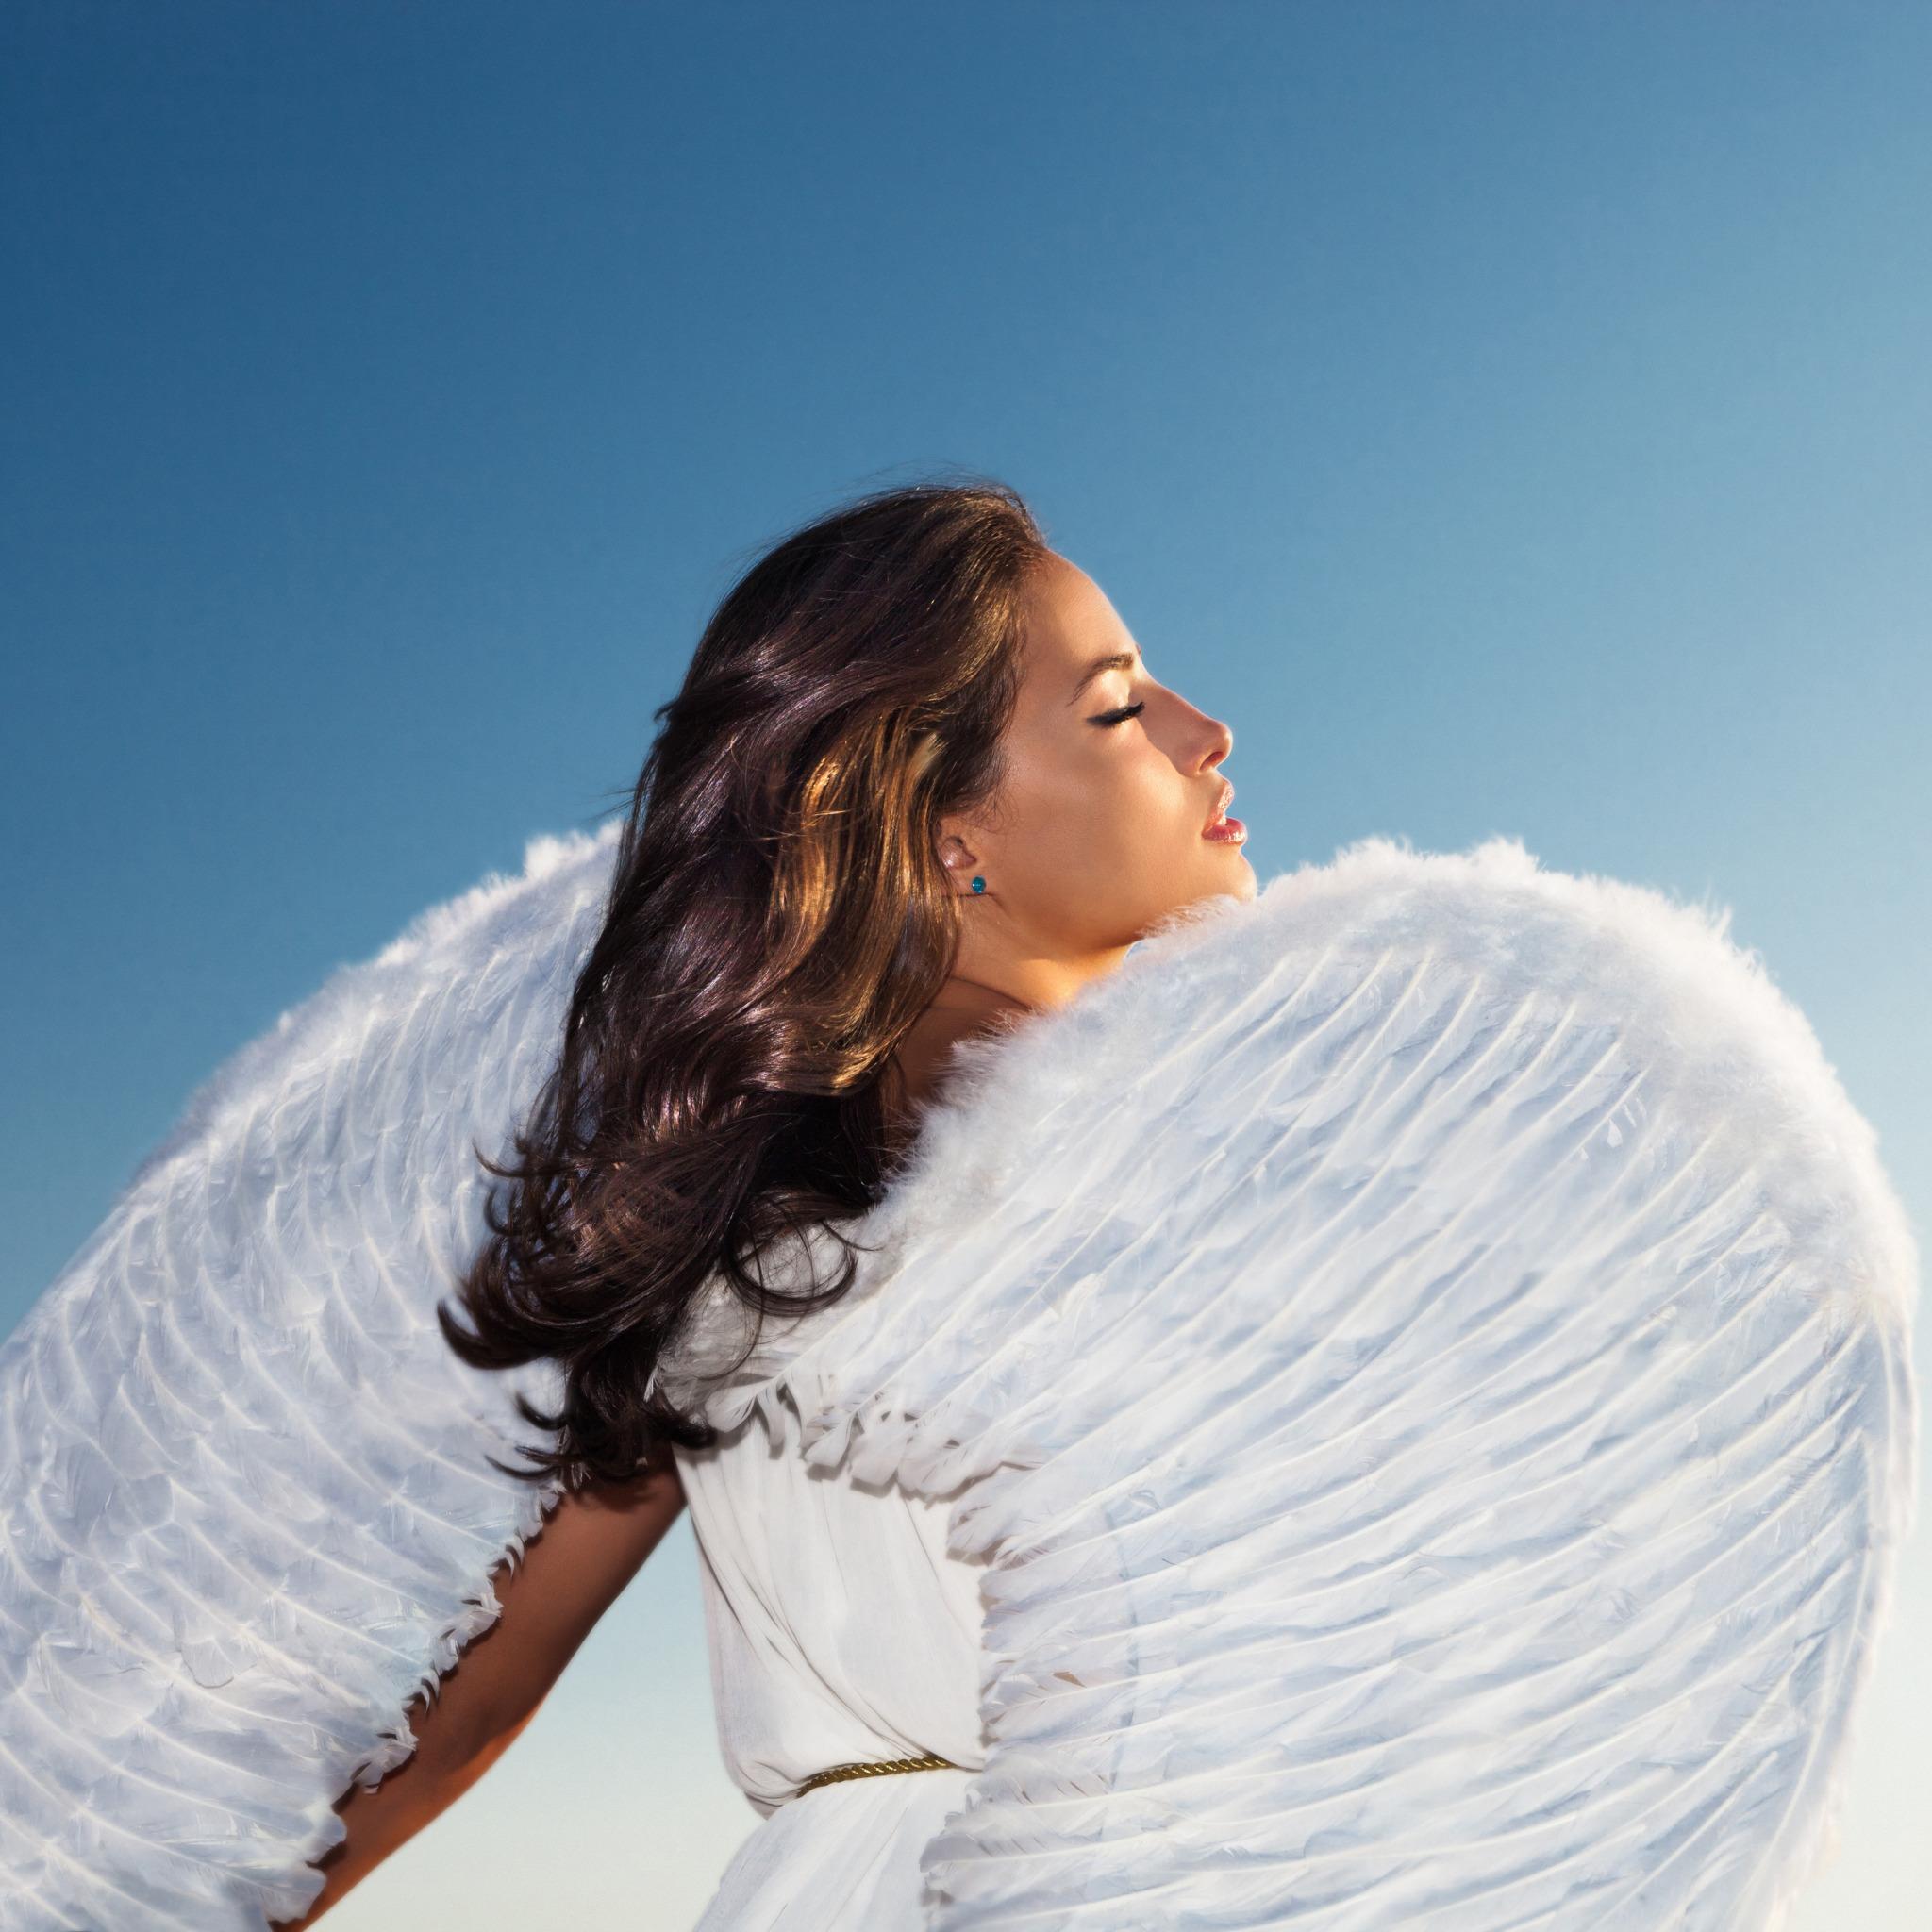 племени фото ангел с белыми волосами те, кто